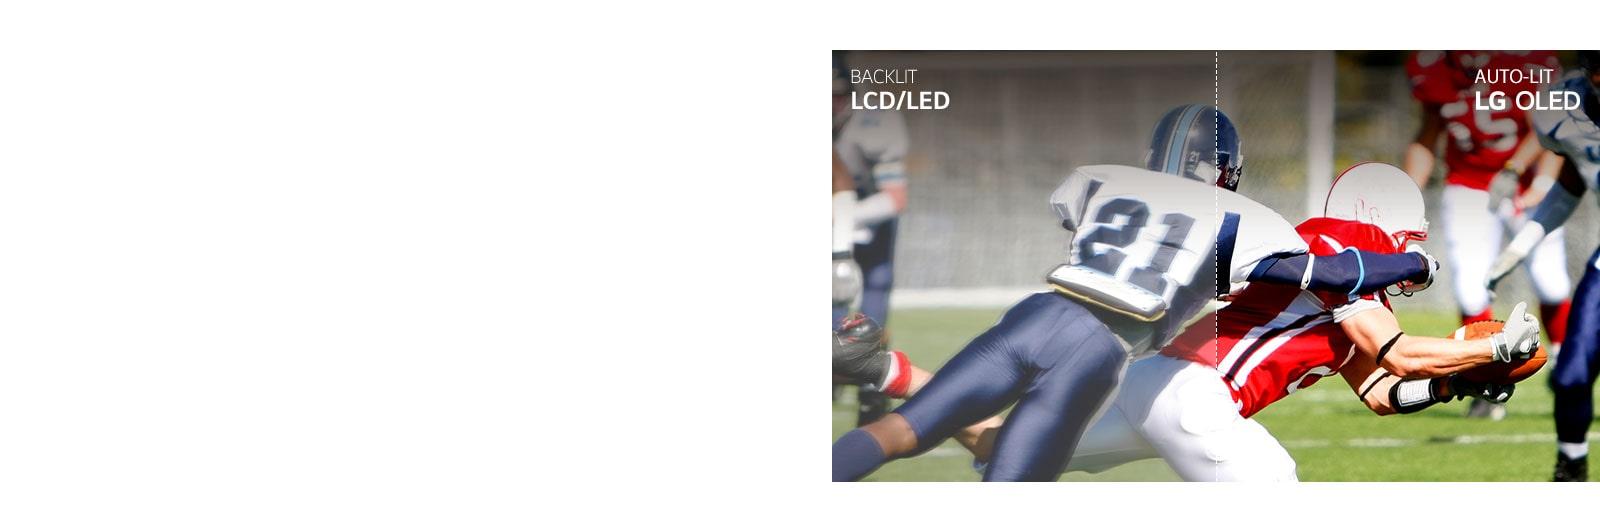 Una escena de un partido de futbol, mitad en un LCD/LED TV con calidad de imagen borrosa, y la otra mitad en un LG OLED TV con calidad de imagen nítida